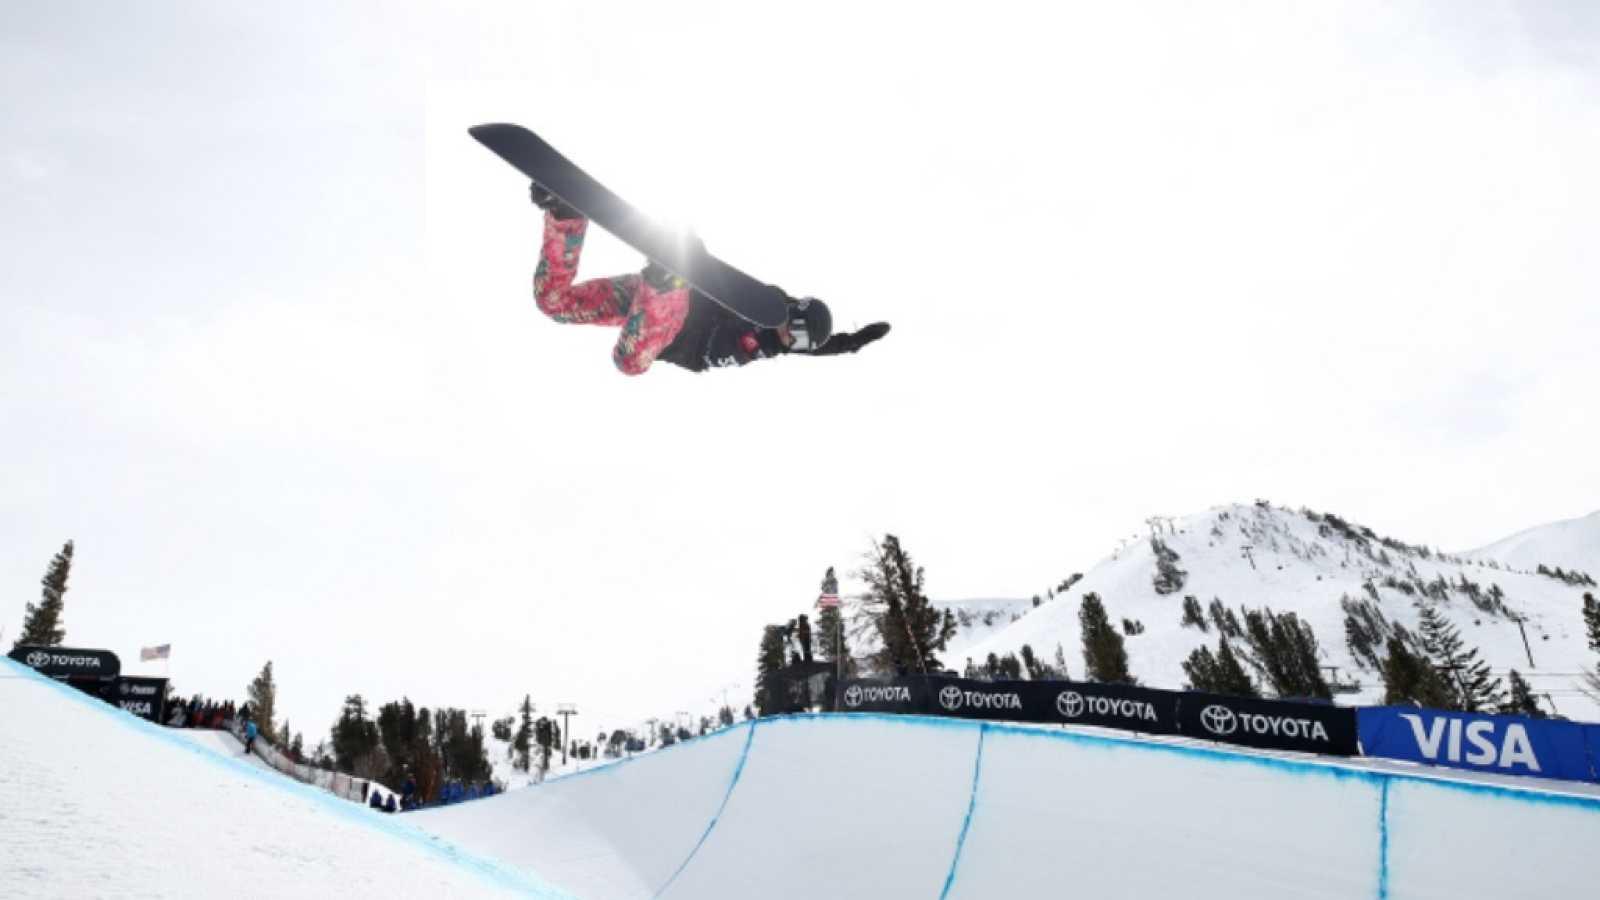 Snowboard - Copa del Mundo 2018/2019. Finales Halfpipe, prueba Mammoth Mountain (EEUU) - ver ahora